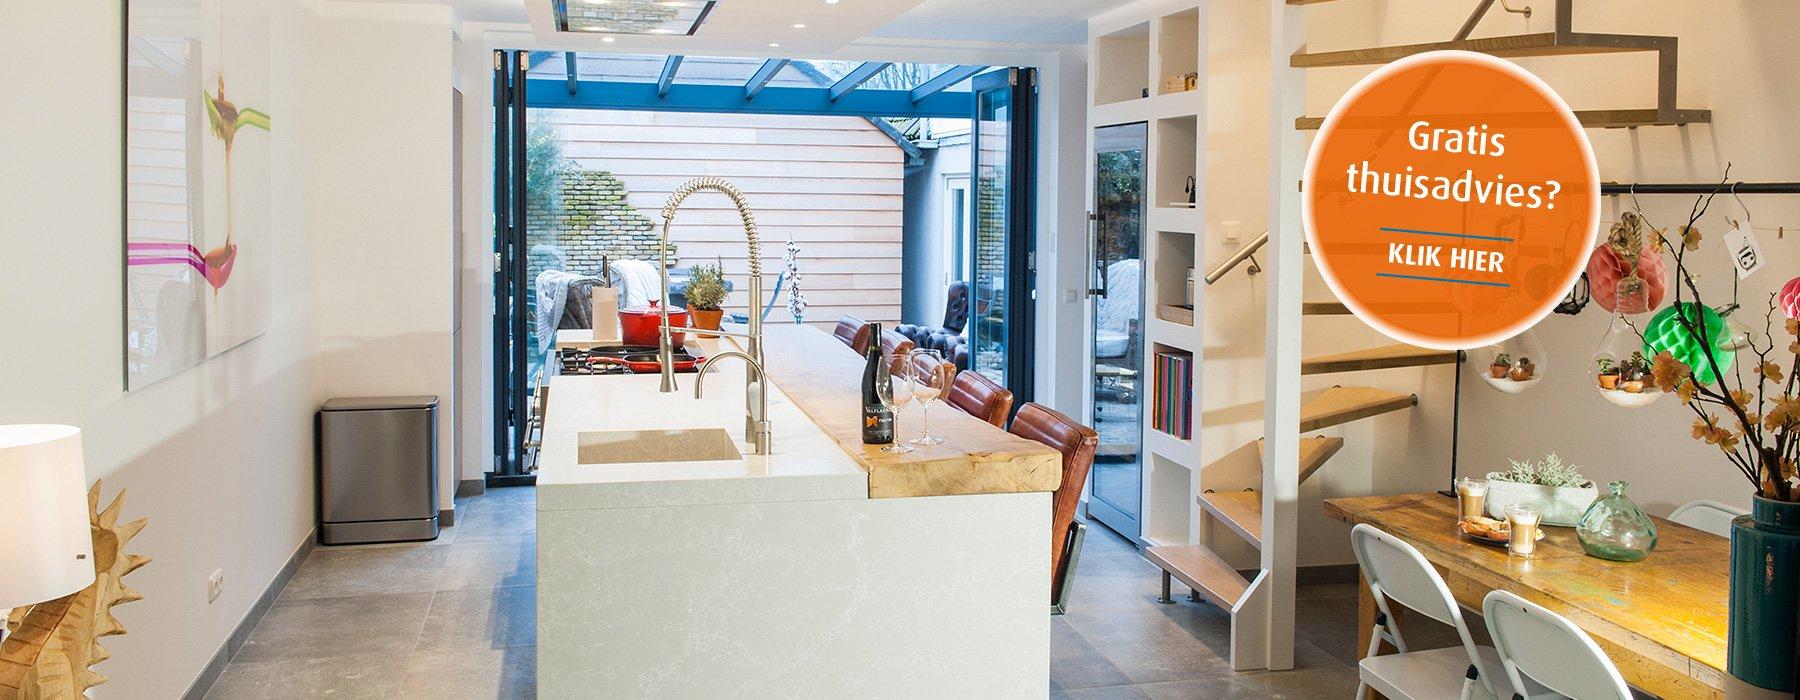 Voorbeeld van een keuken door Keuken Solutions op maat gemaakt